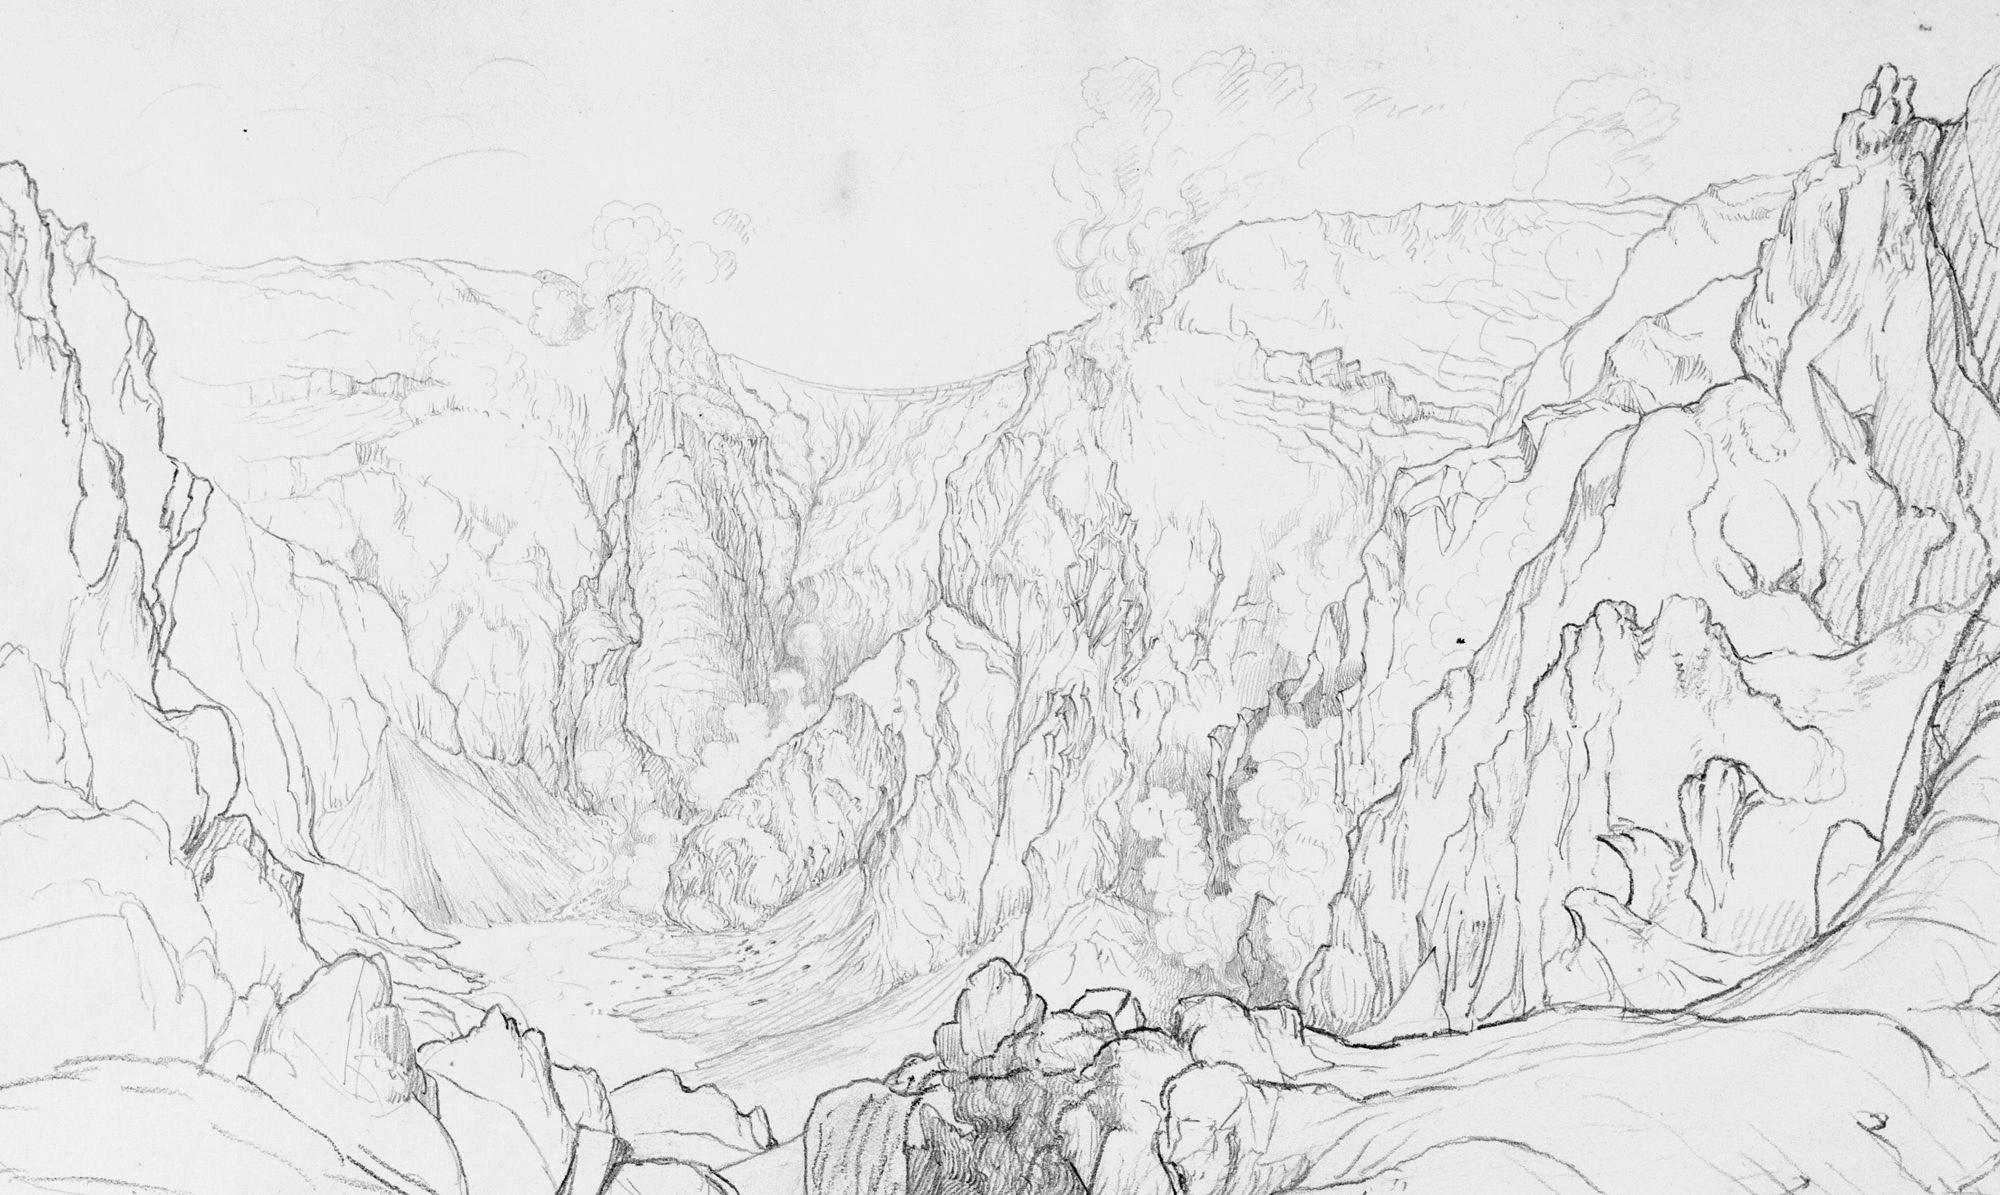 Interior of the Crater of Vesuvius, June 9, 1824